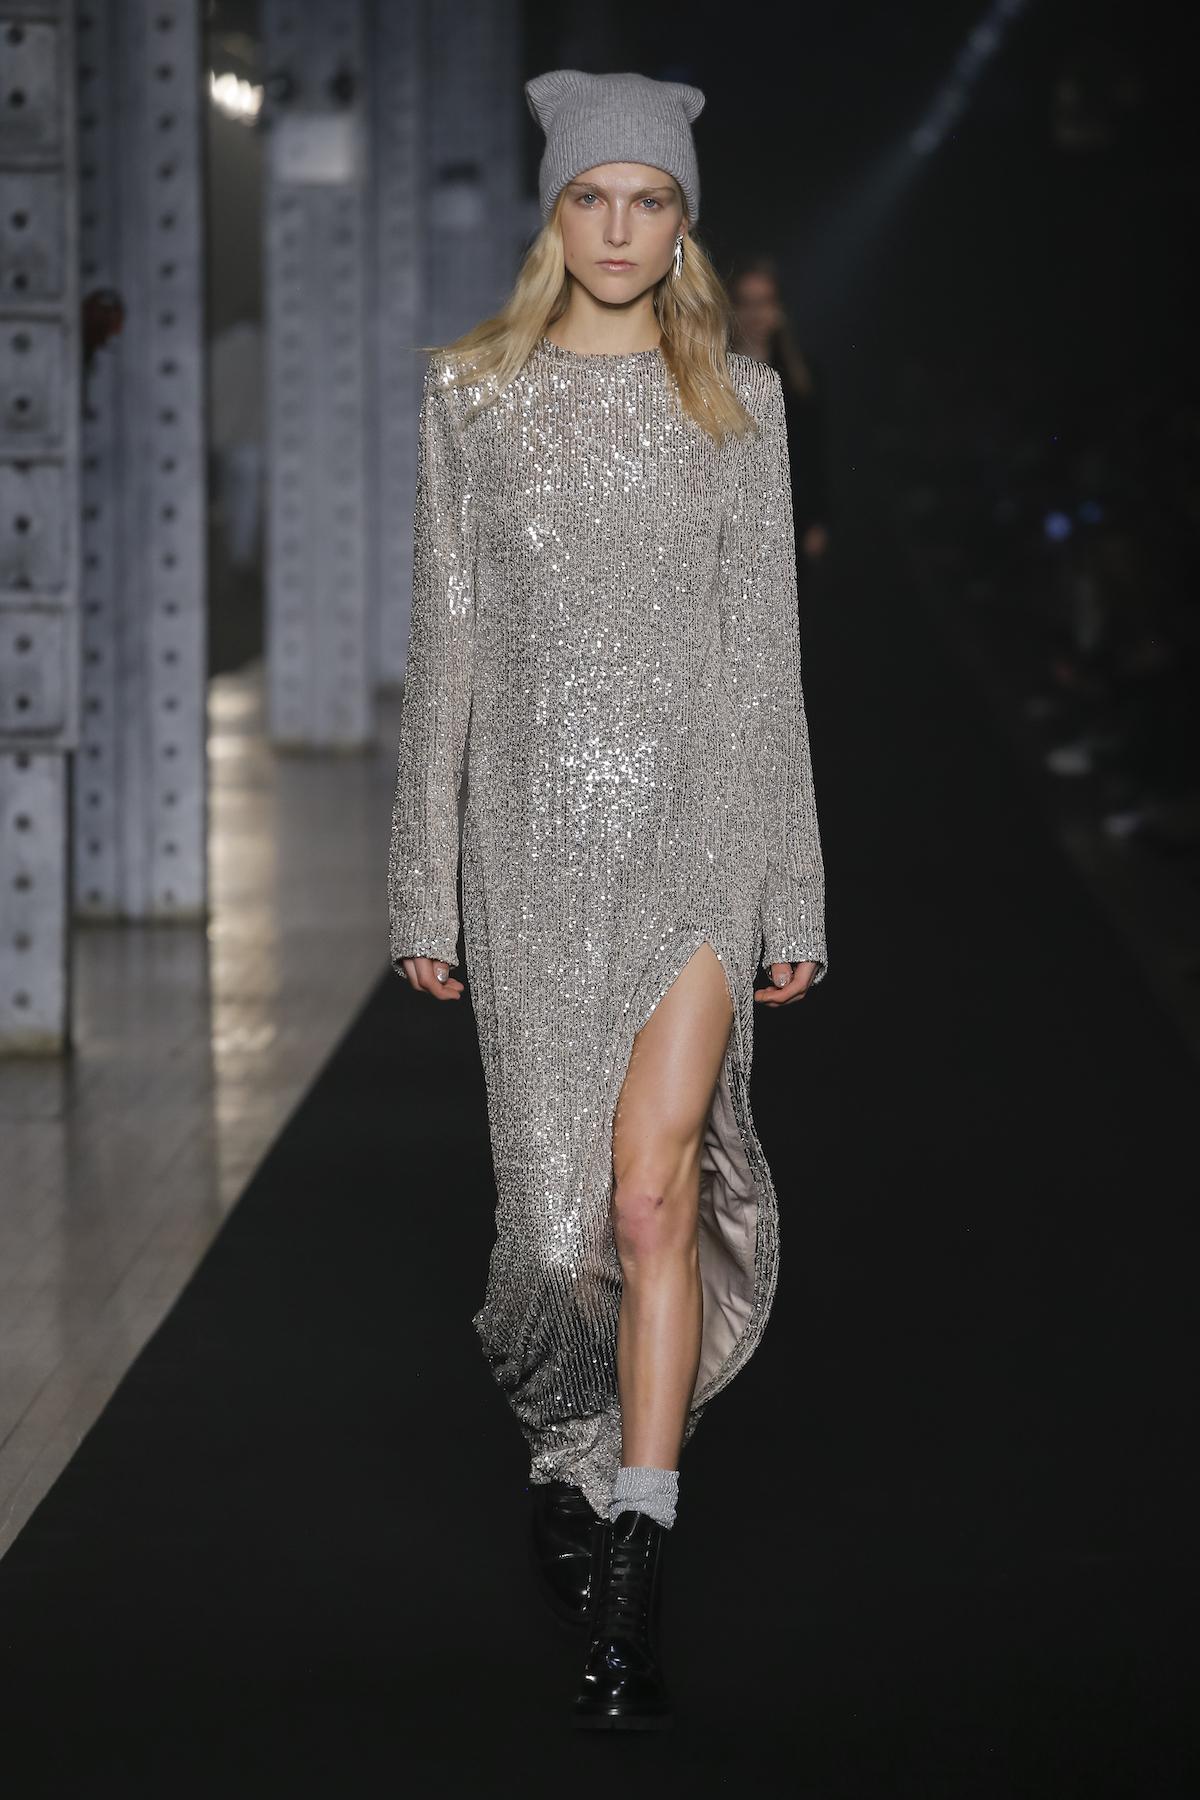 זאדיג אנד וולטר, סתיו-חורף 2019, שבוע האופנה של ניו יורק